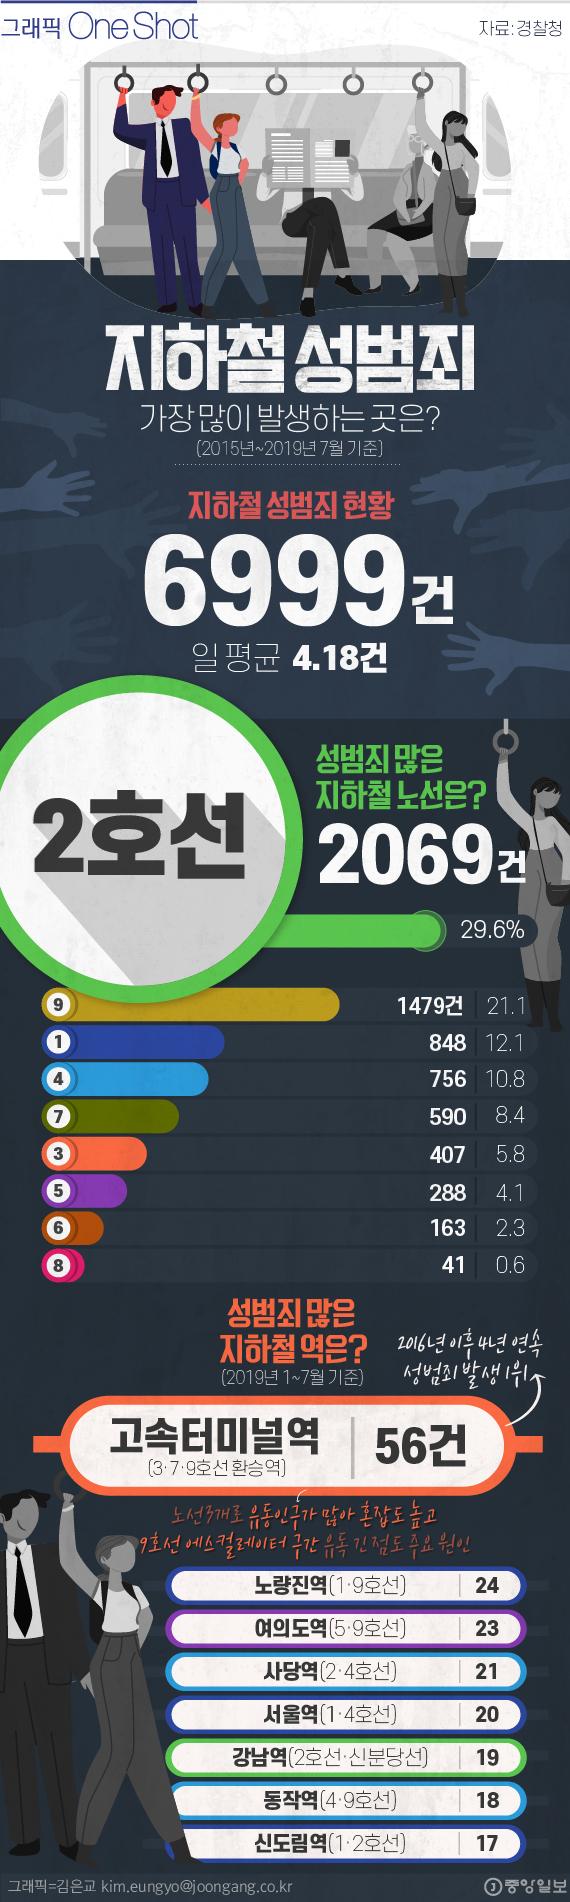 서울 지하철 성범죄 현황.